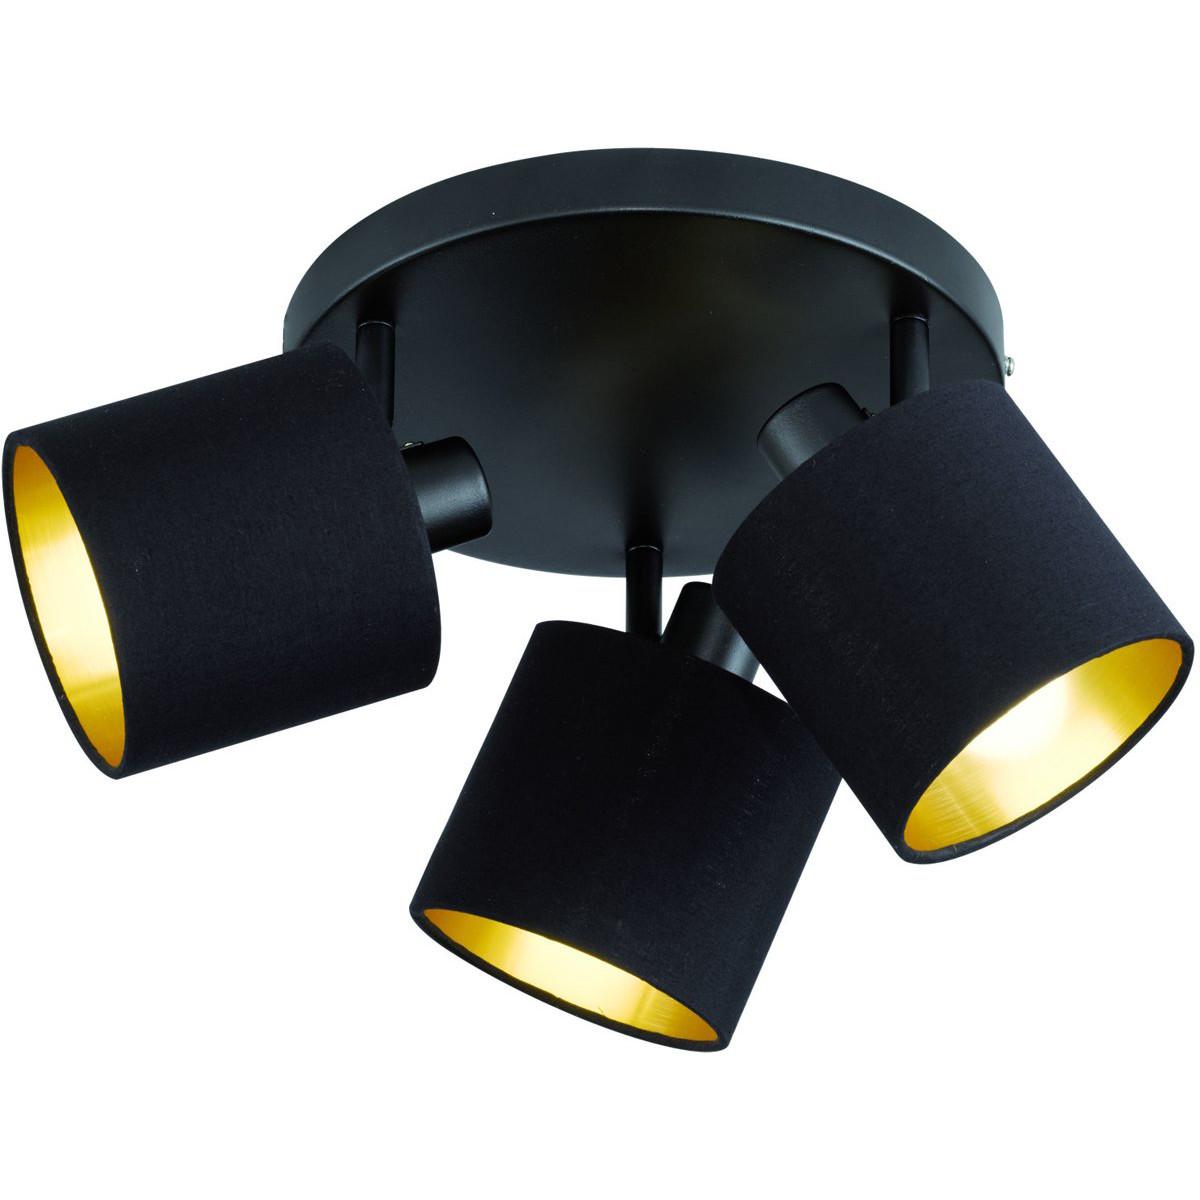 LED Plafondspot - Trion Torry - E14 Fitting - 3-lichts - Rond - Mat Zwart - Aluminium